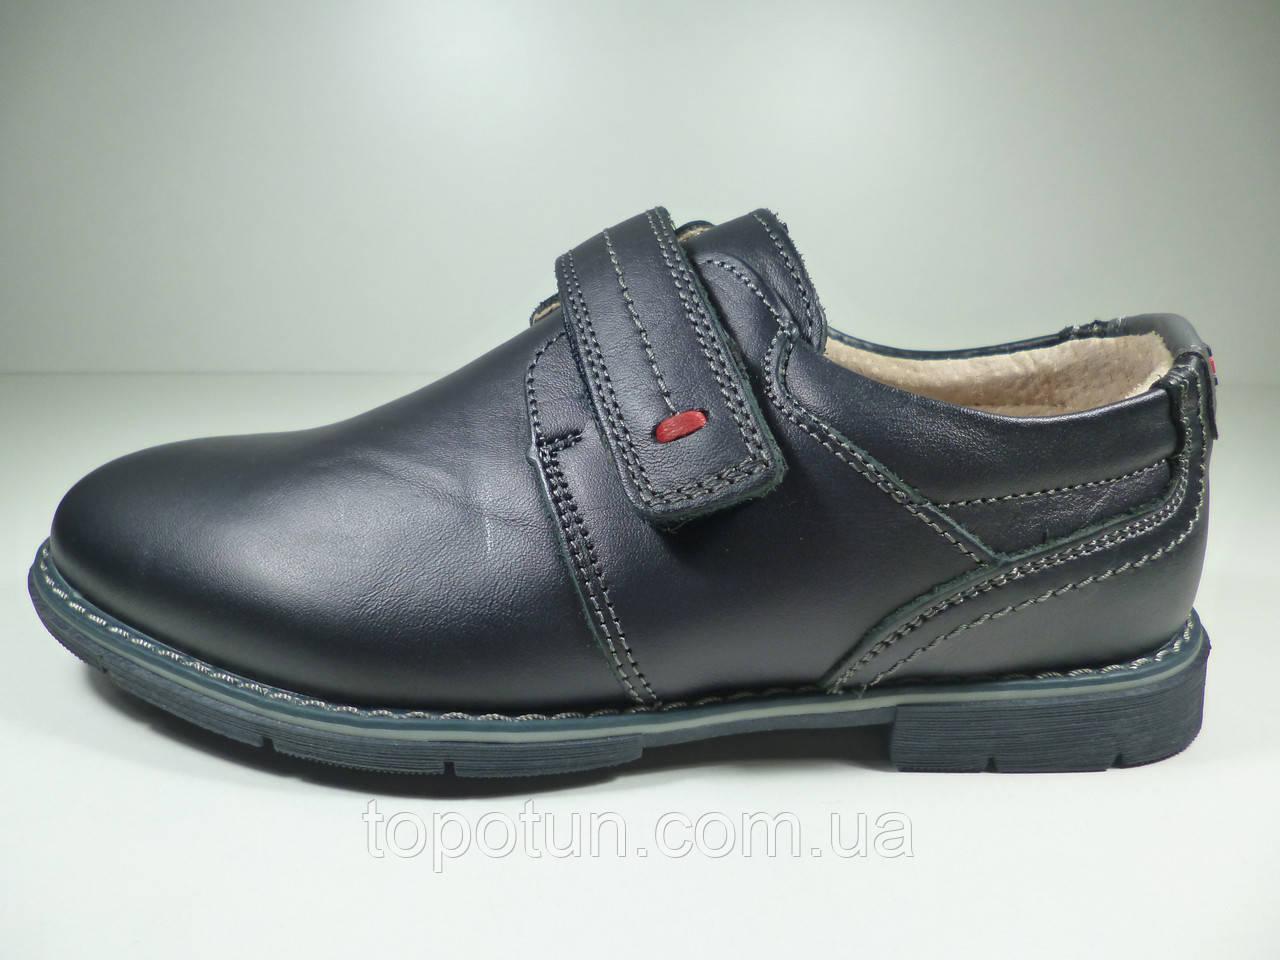 """Школьные туфли для мальчика """"Солнце"""" кожа Размер: 35"""